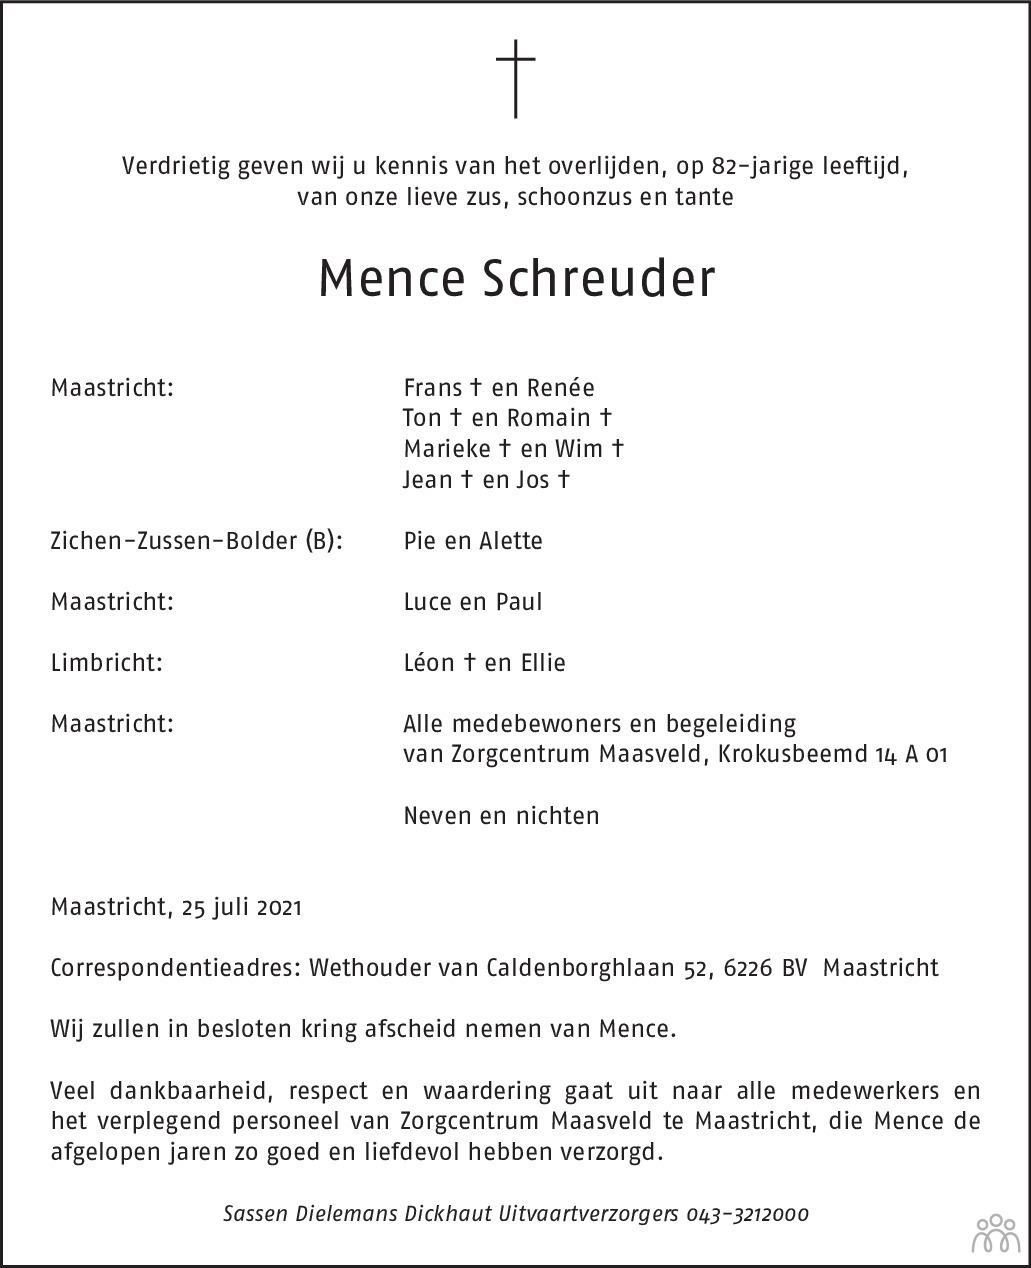 Overlijdensbericht van Mence Schreuder in De Limburger